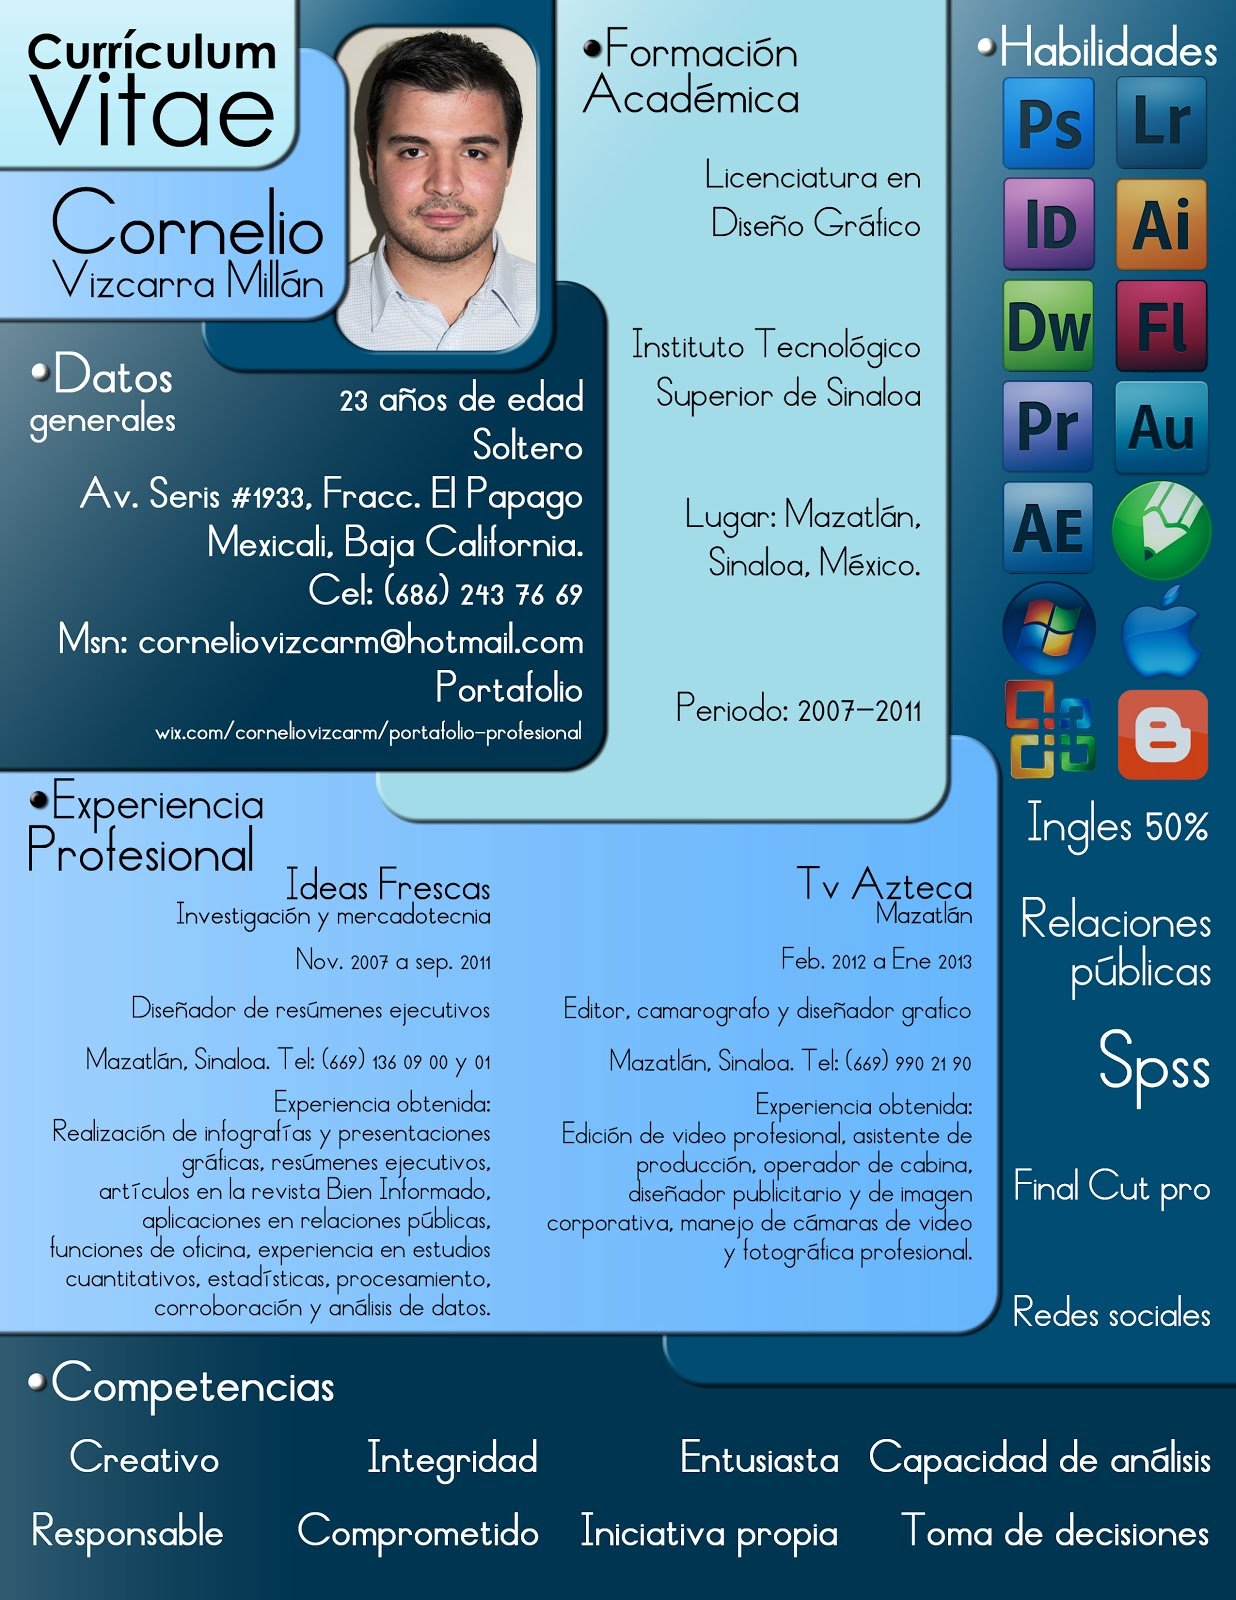 Curriculum Vitae: Curriculum Vitae Diseñador Grafico